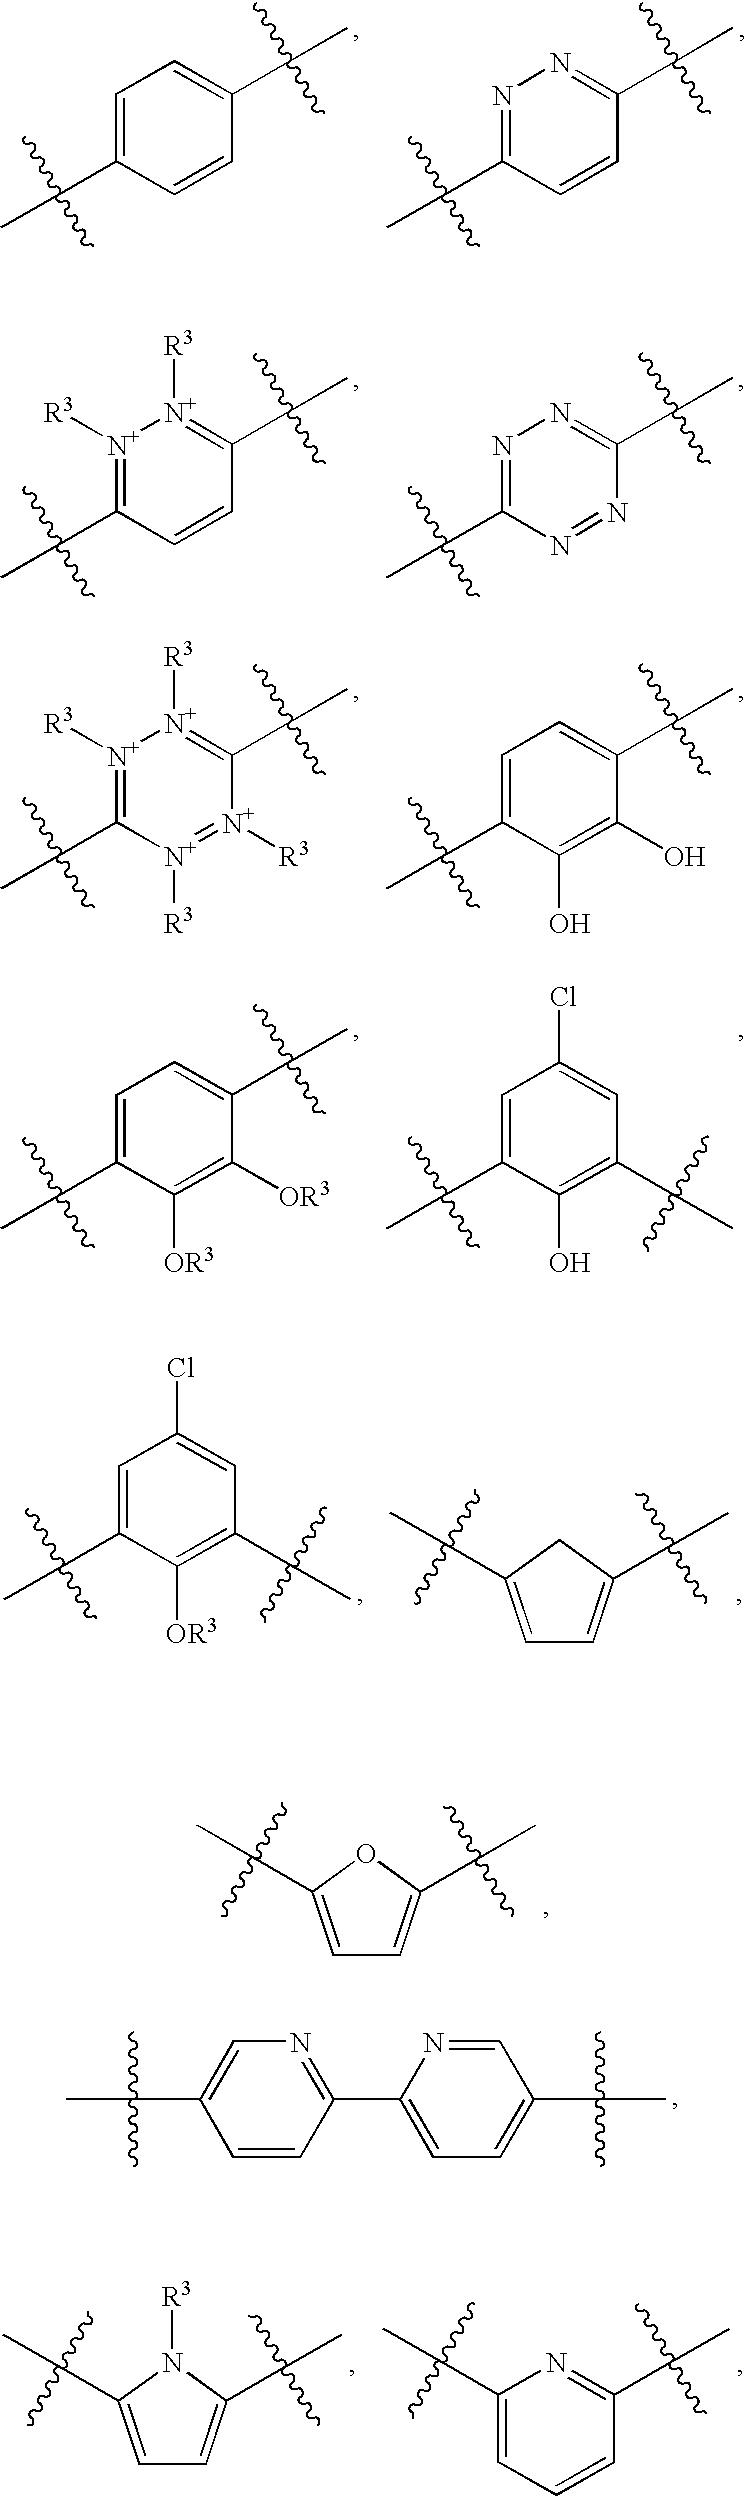 Figure US20090074833A1-20090319-C00058